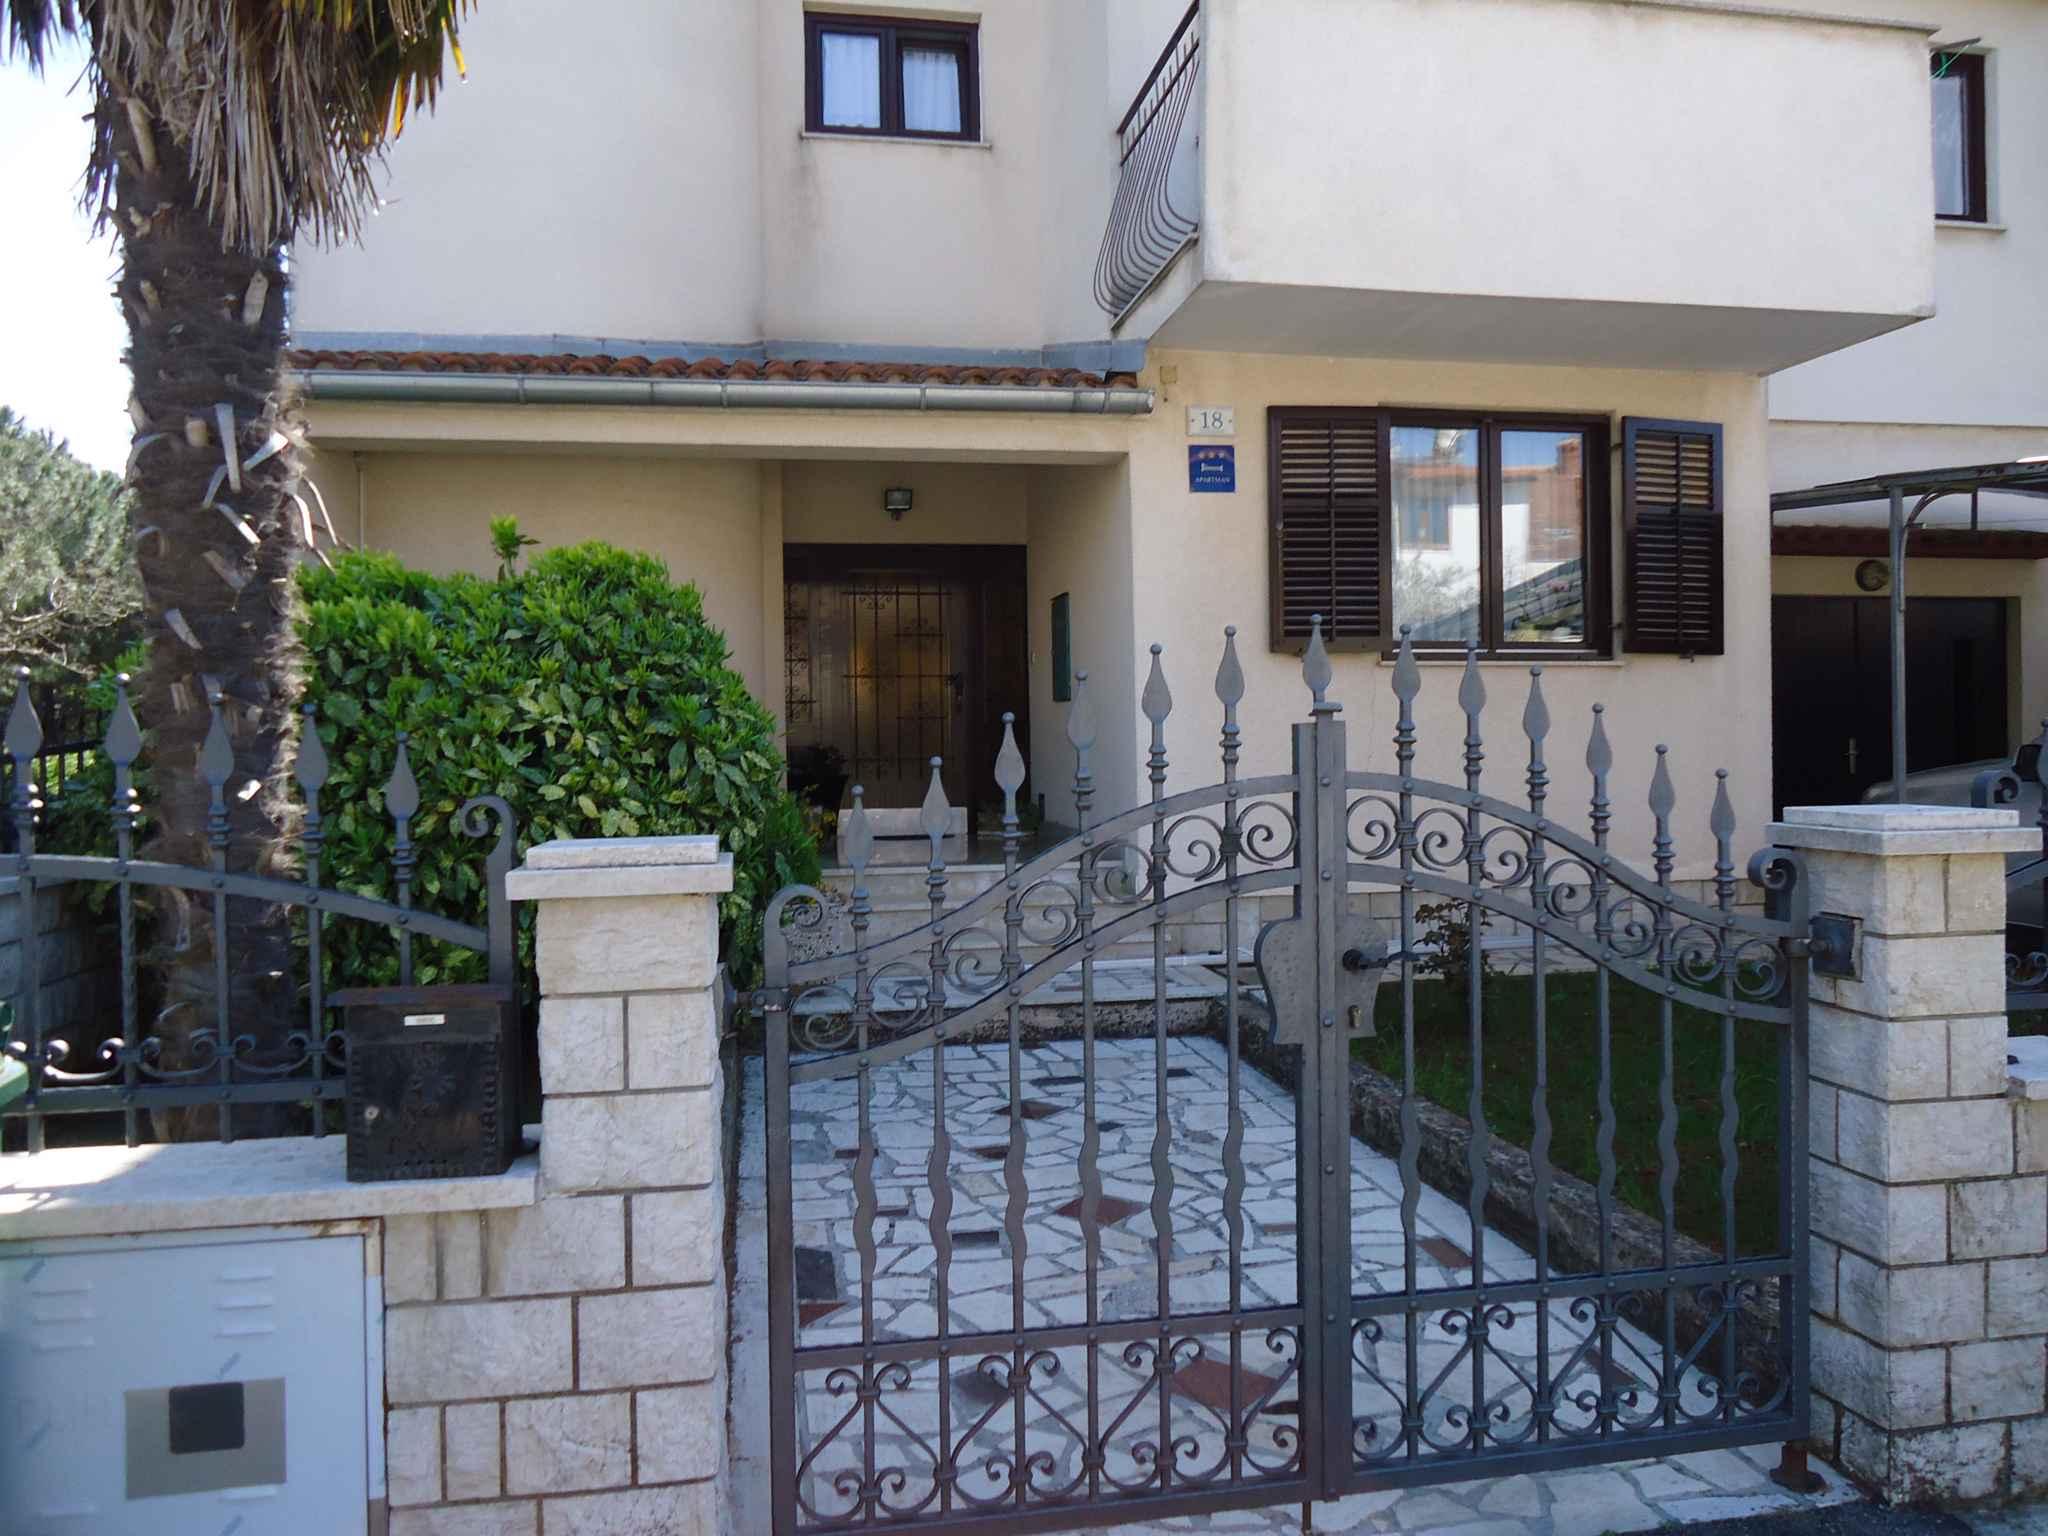 Ferienwohnung in Rovinj mit Internet (280977), Rovinj, , Istrien, Kroatien, Bild 1